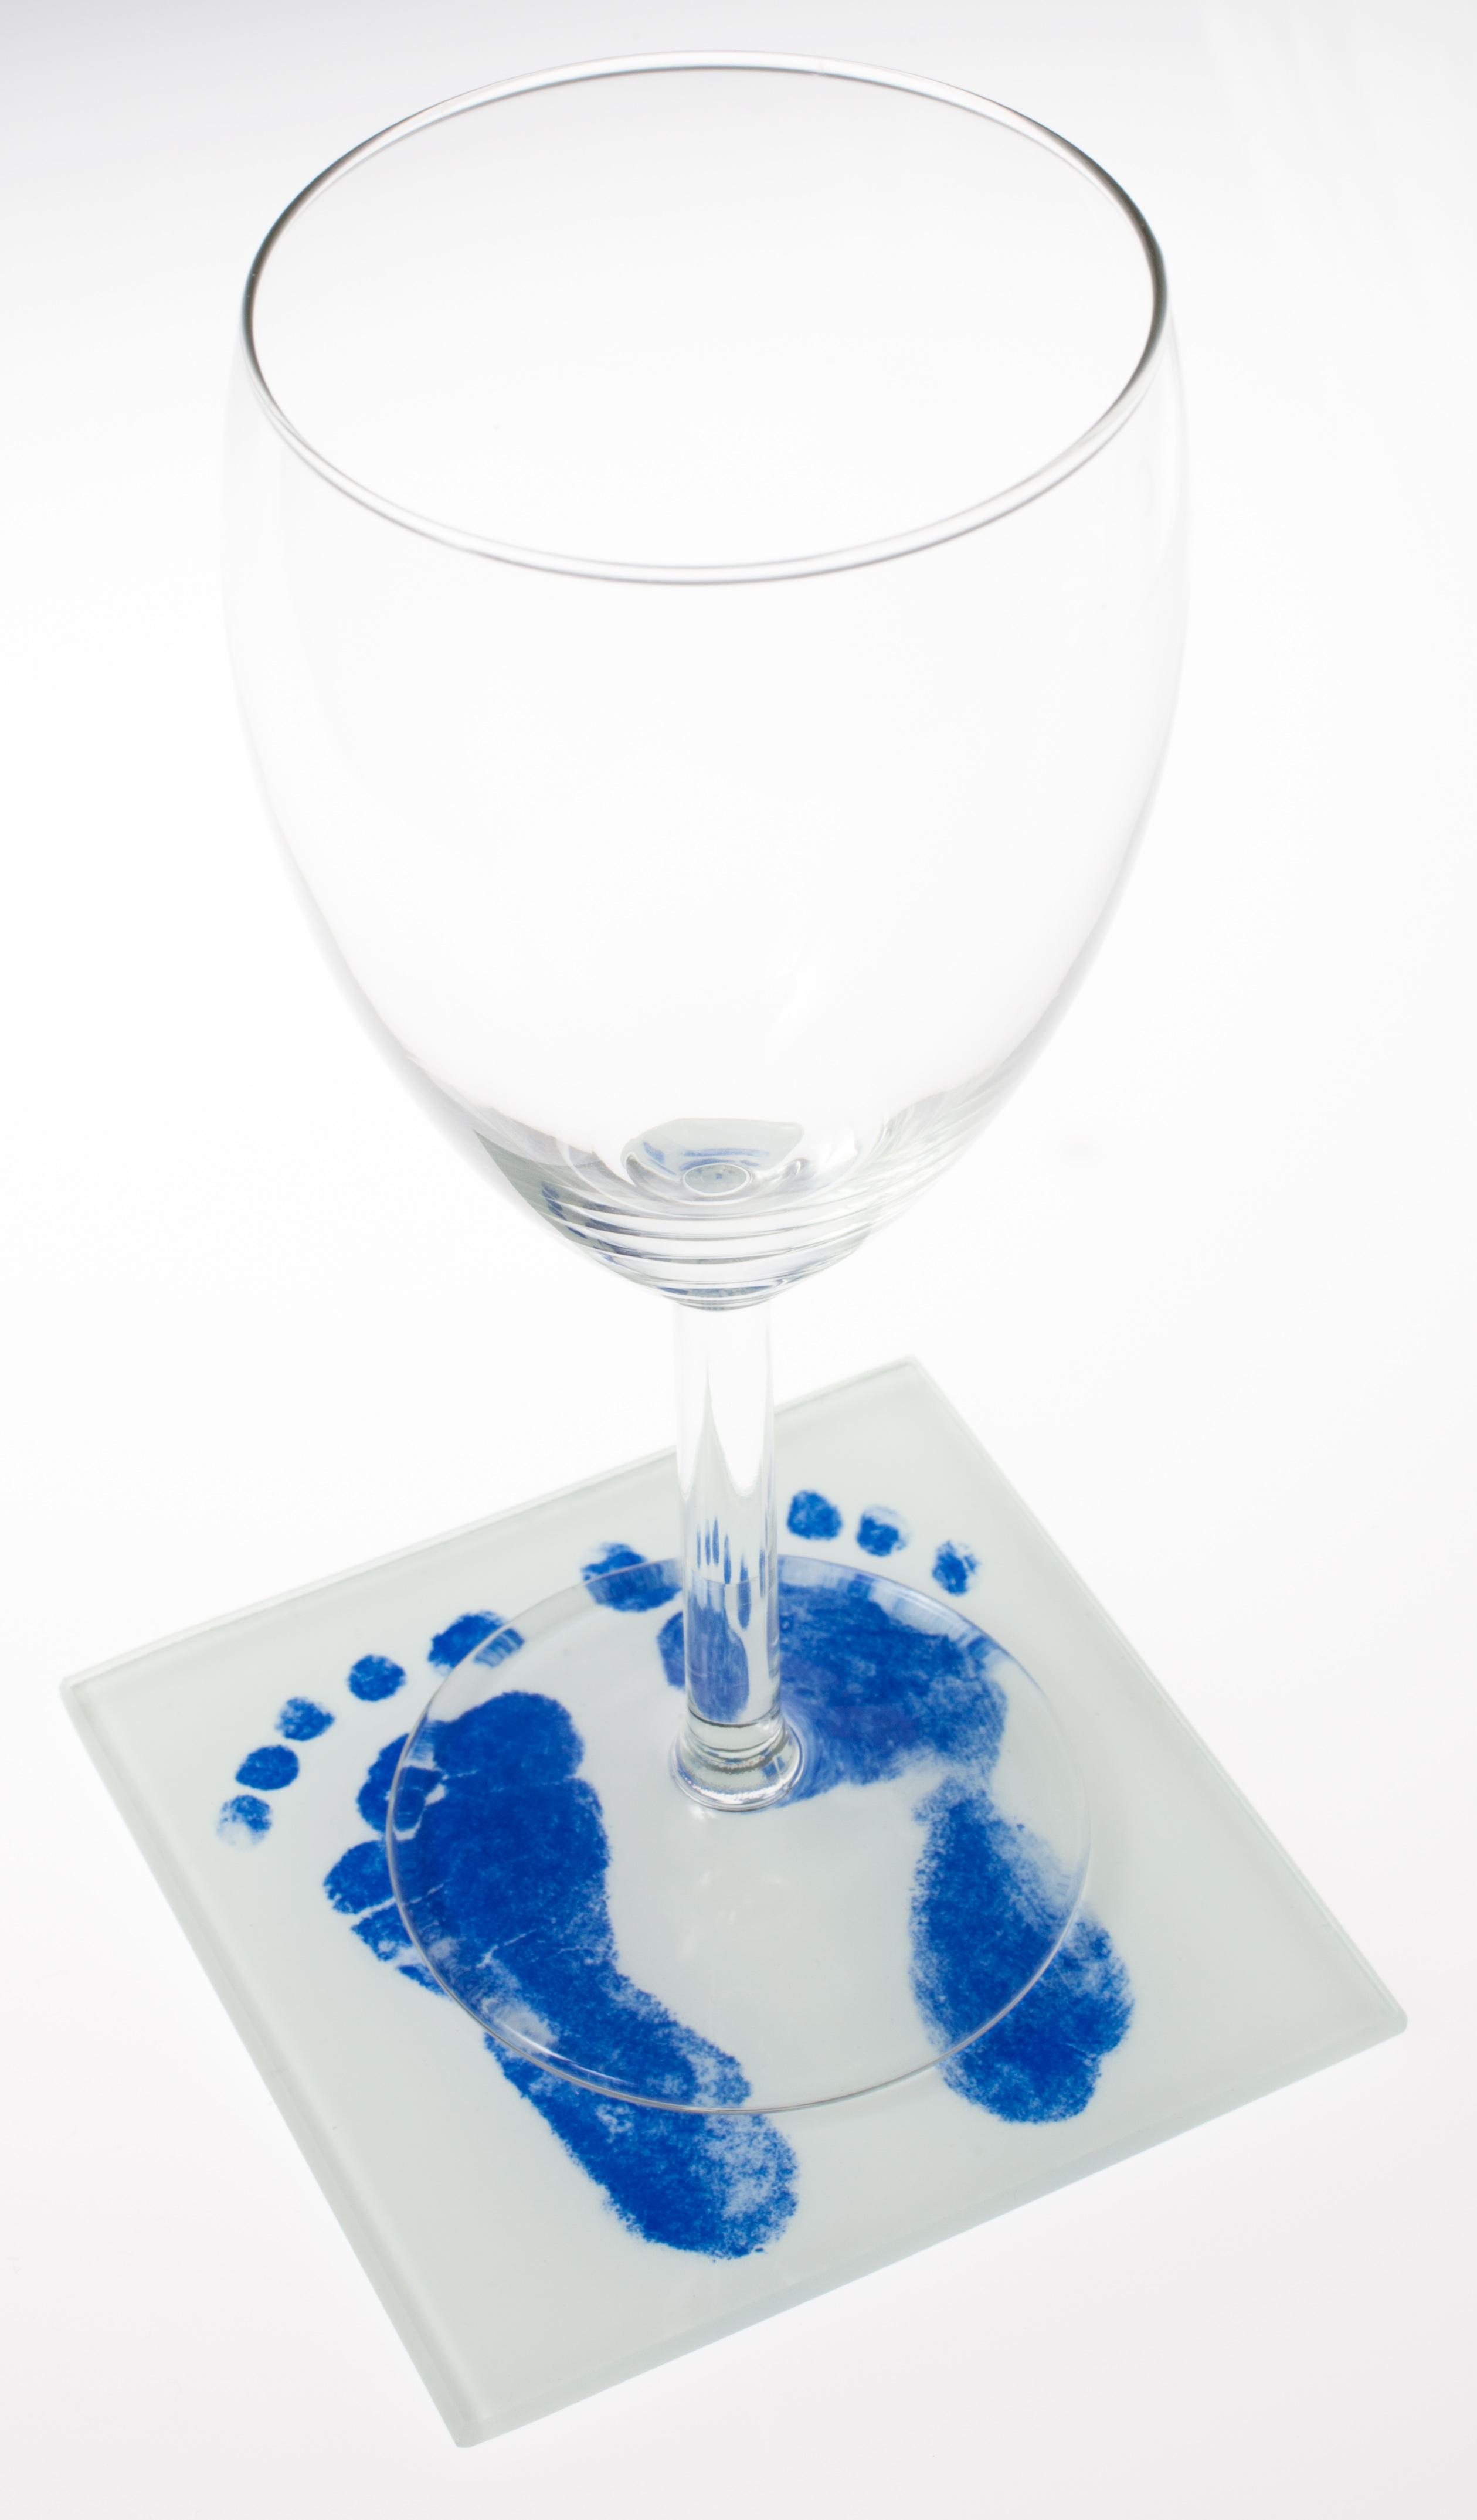 ÚJDONSÁG! - Tappancsos üveg poháralátét készlet